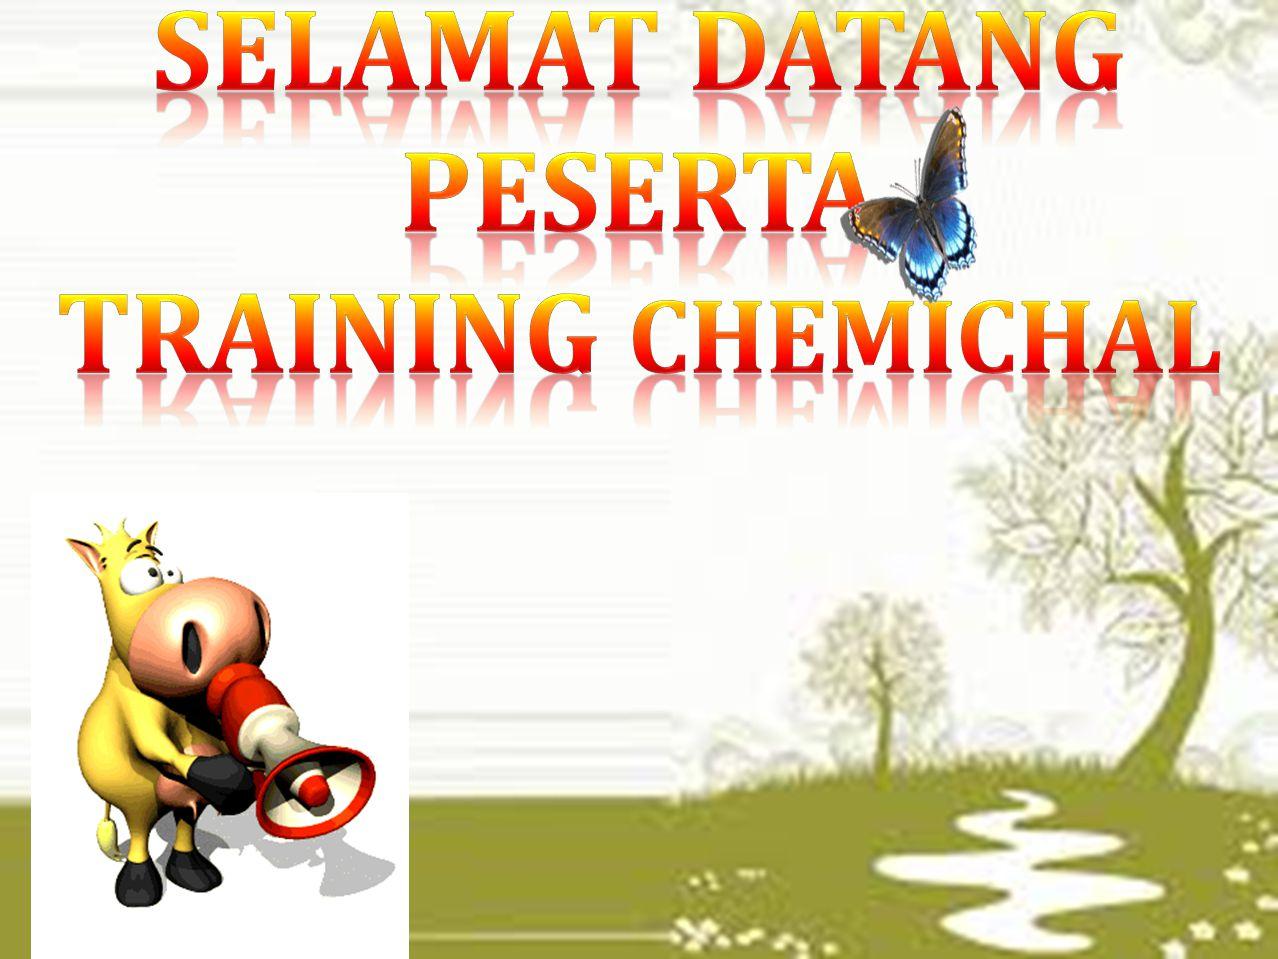 Selamat datang peserta training chemichal